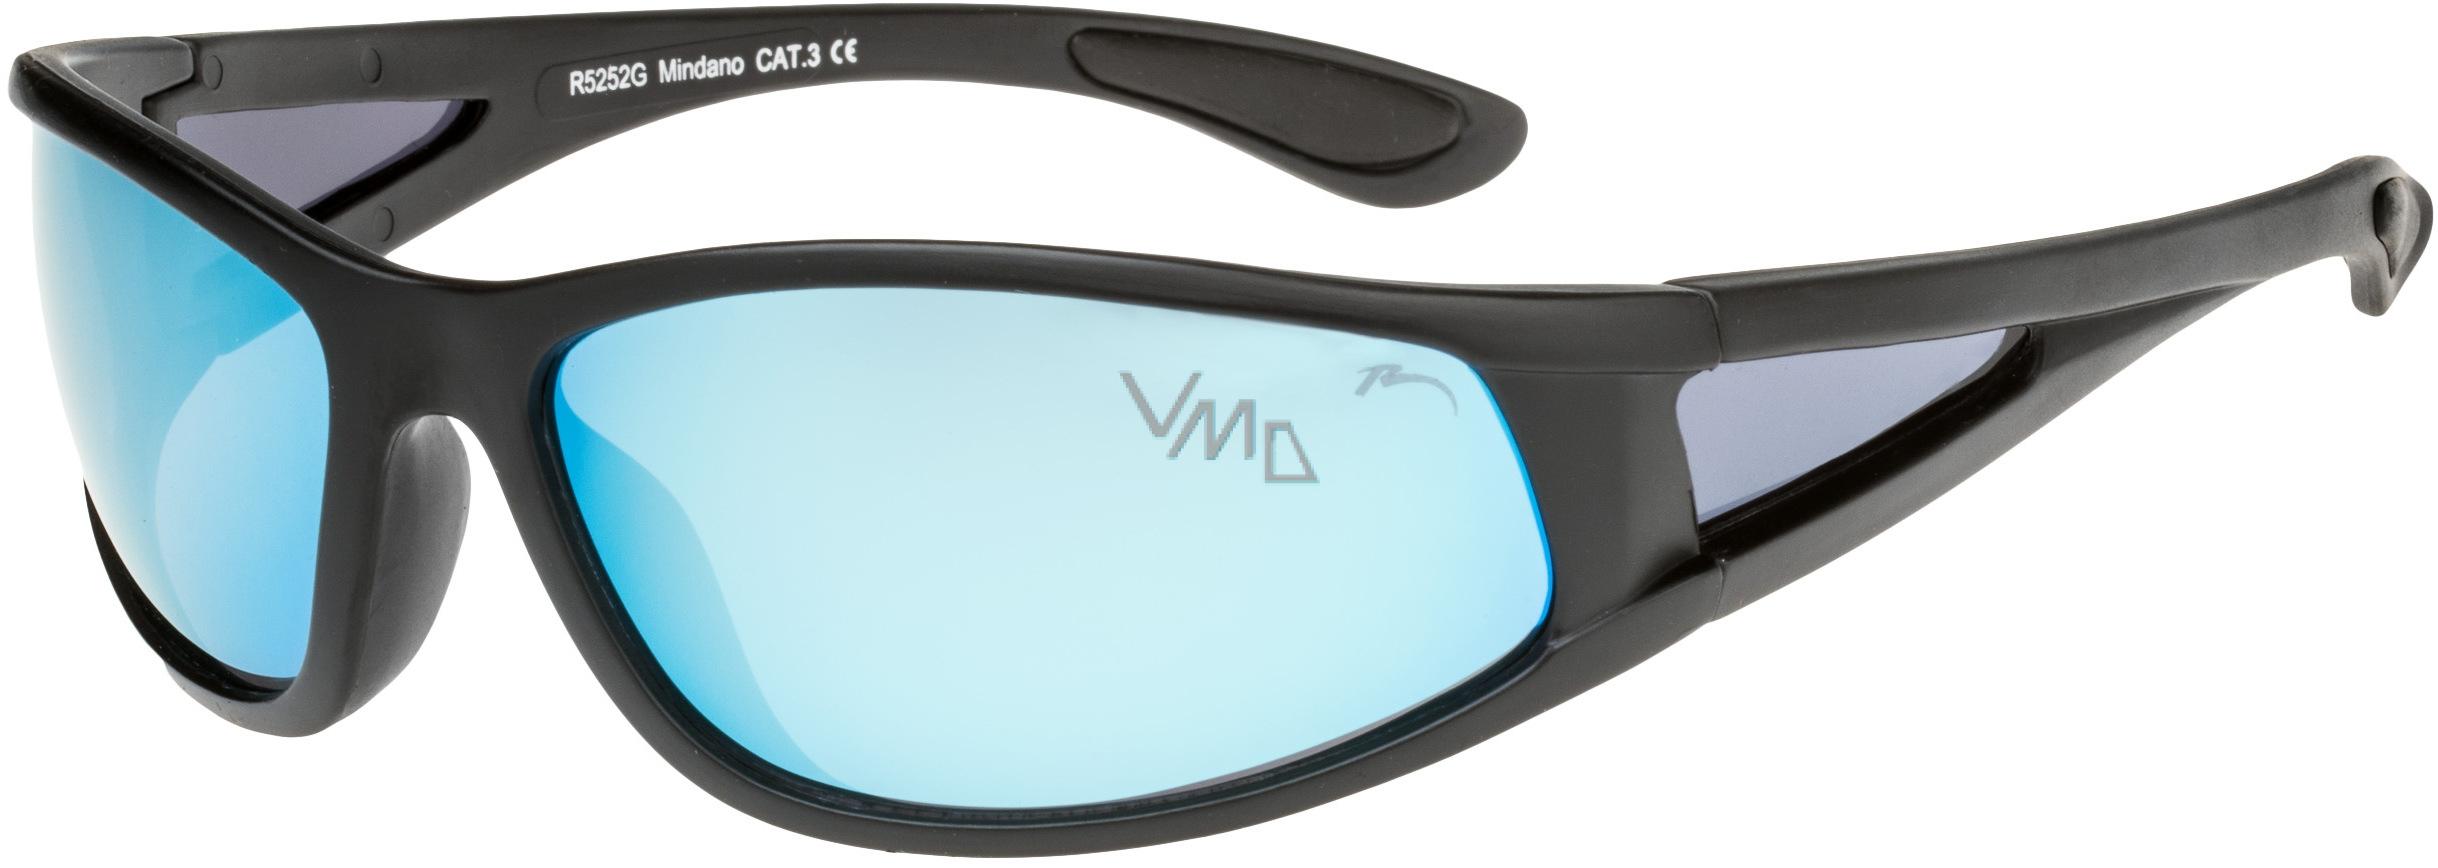 Relax Mindano sluneční brýle R5252G - VMD drogerie 954410f21c2